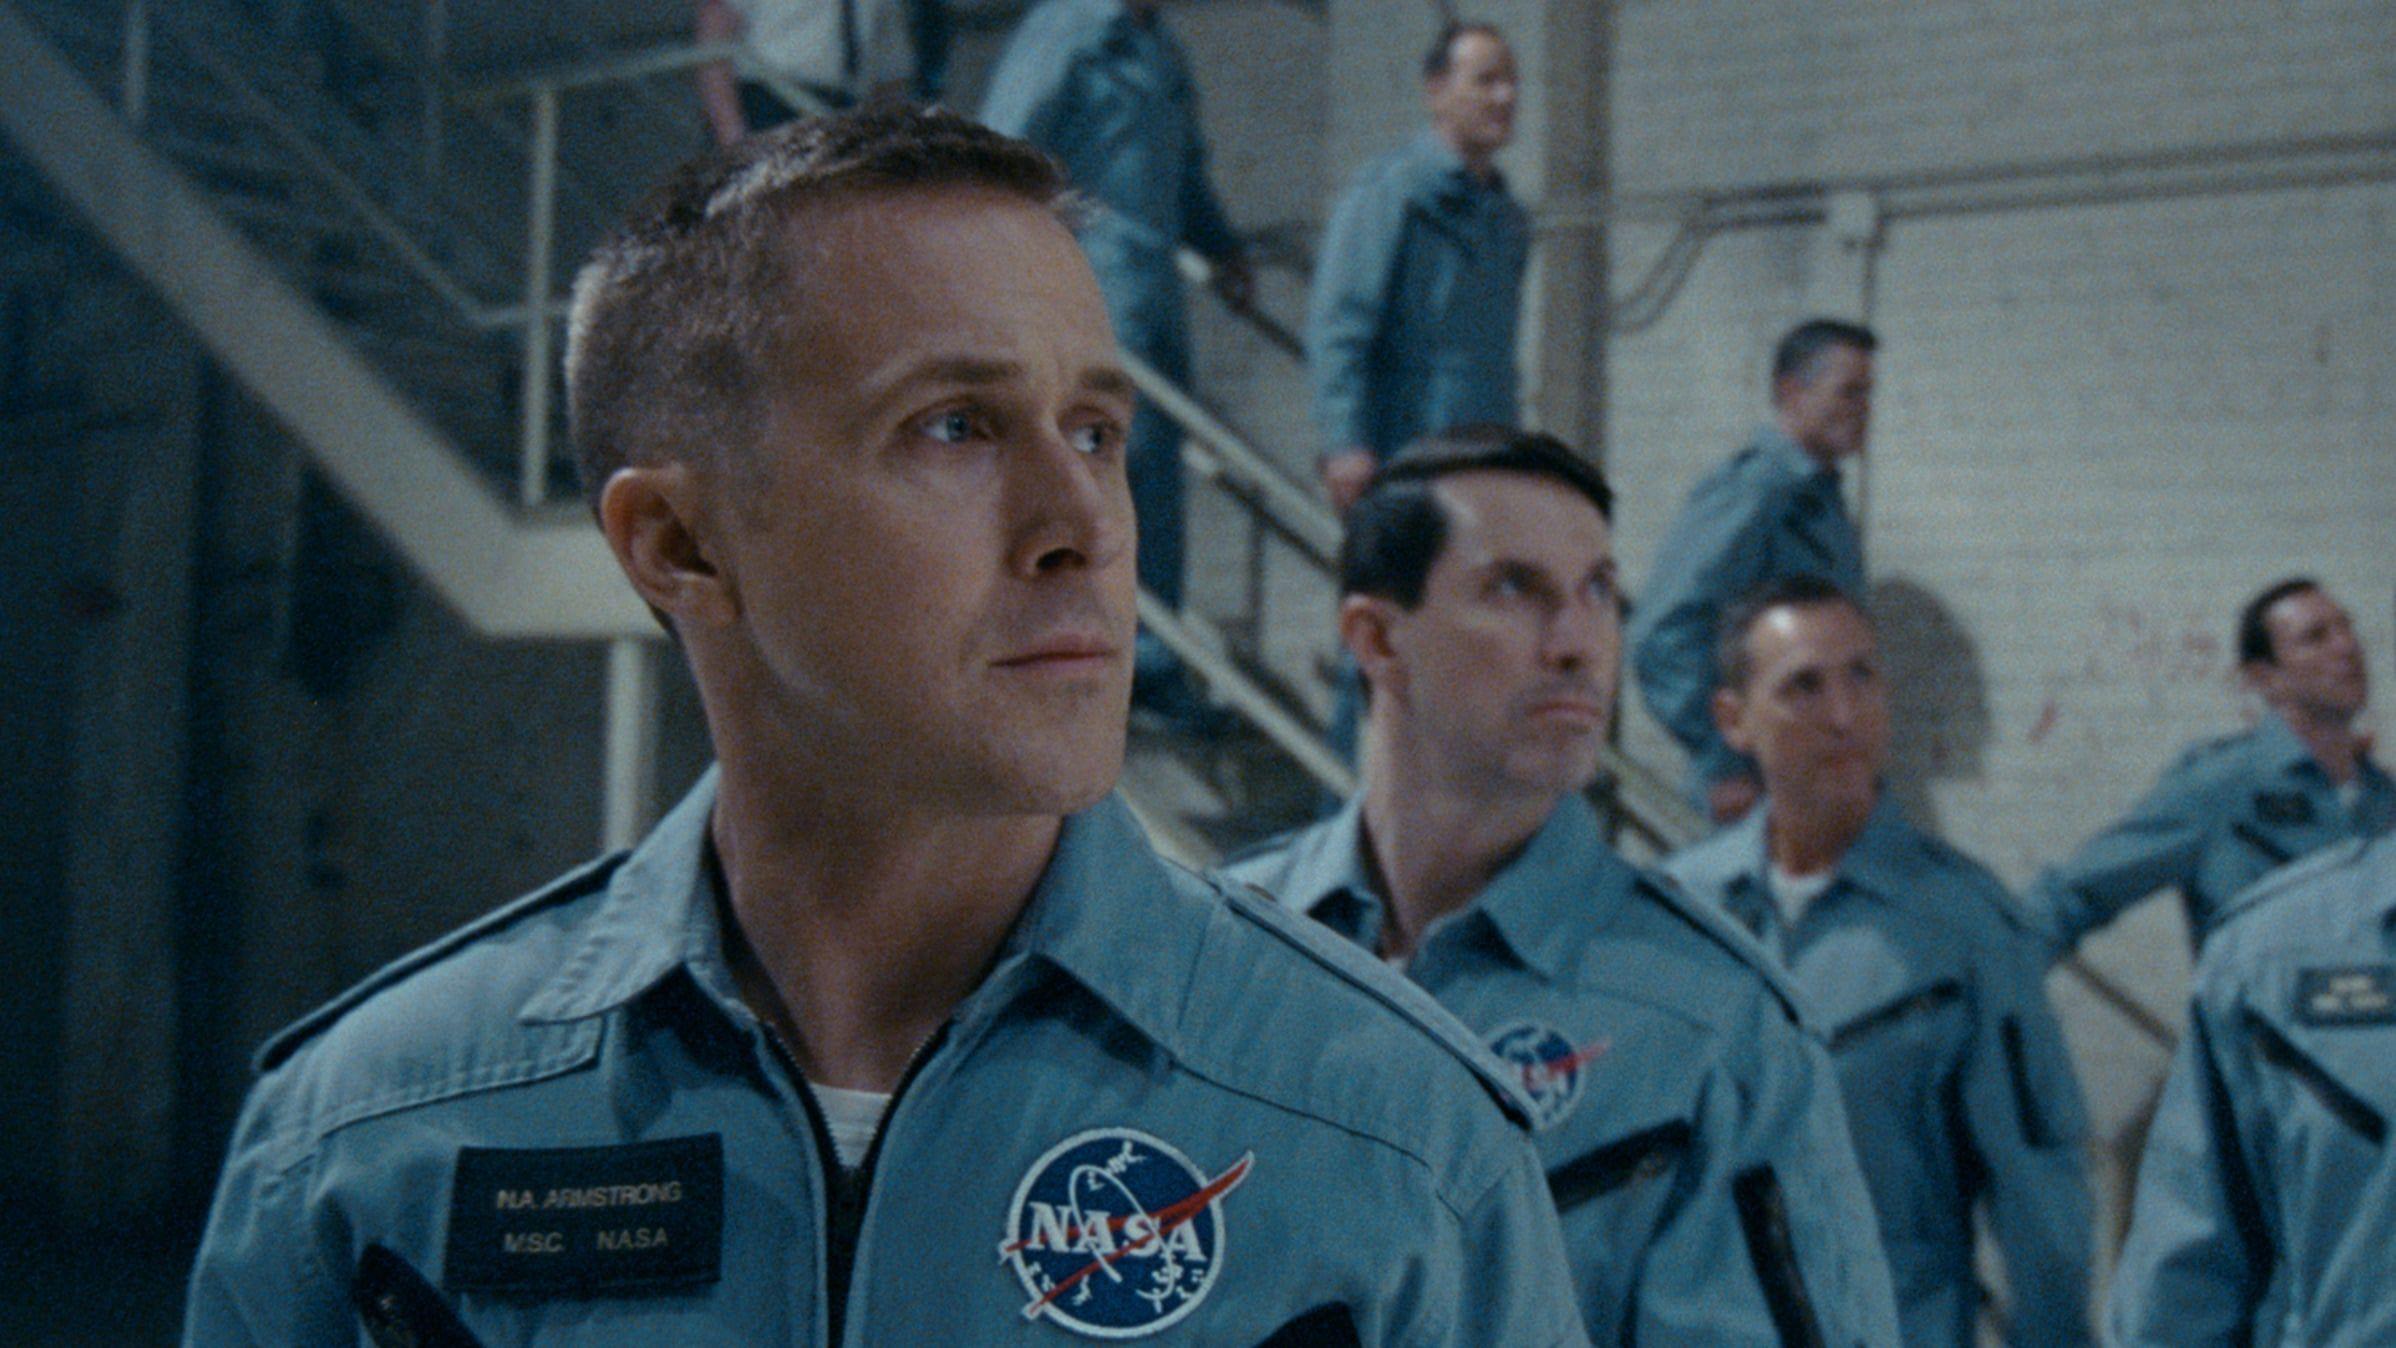 Cuenta La Historia De La Mision De La Nasa Que Llevo Al Primer Hombre A La Luna Centrada En Neil Armstrong Interp Neil Armstrong Man On The Moon Ryan Gosling